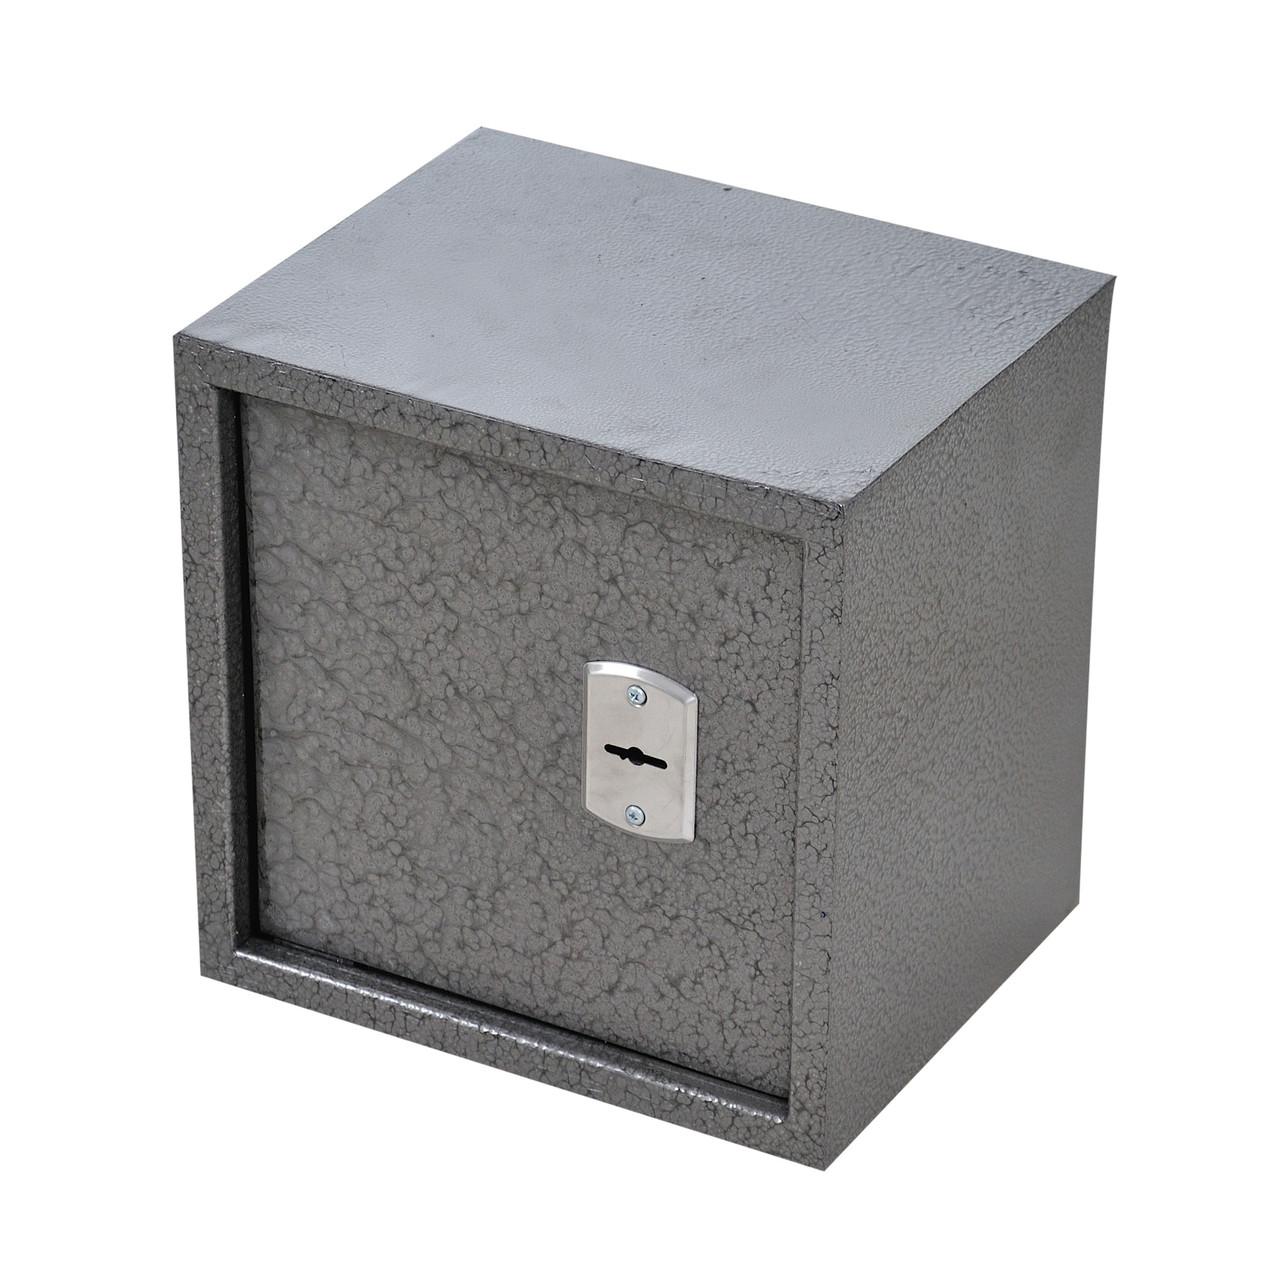 Сейф мебельный металлический для денег бумаг документов 30х30х25 см